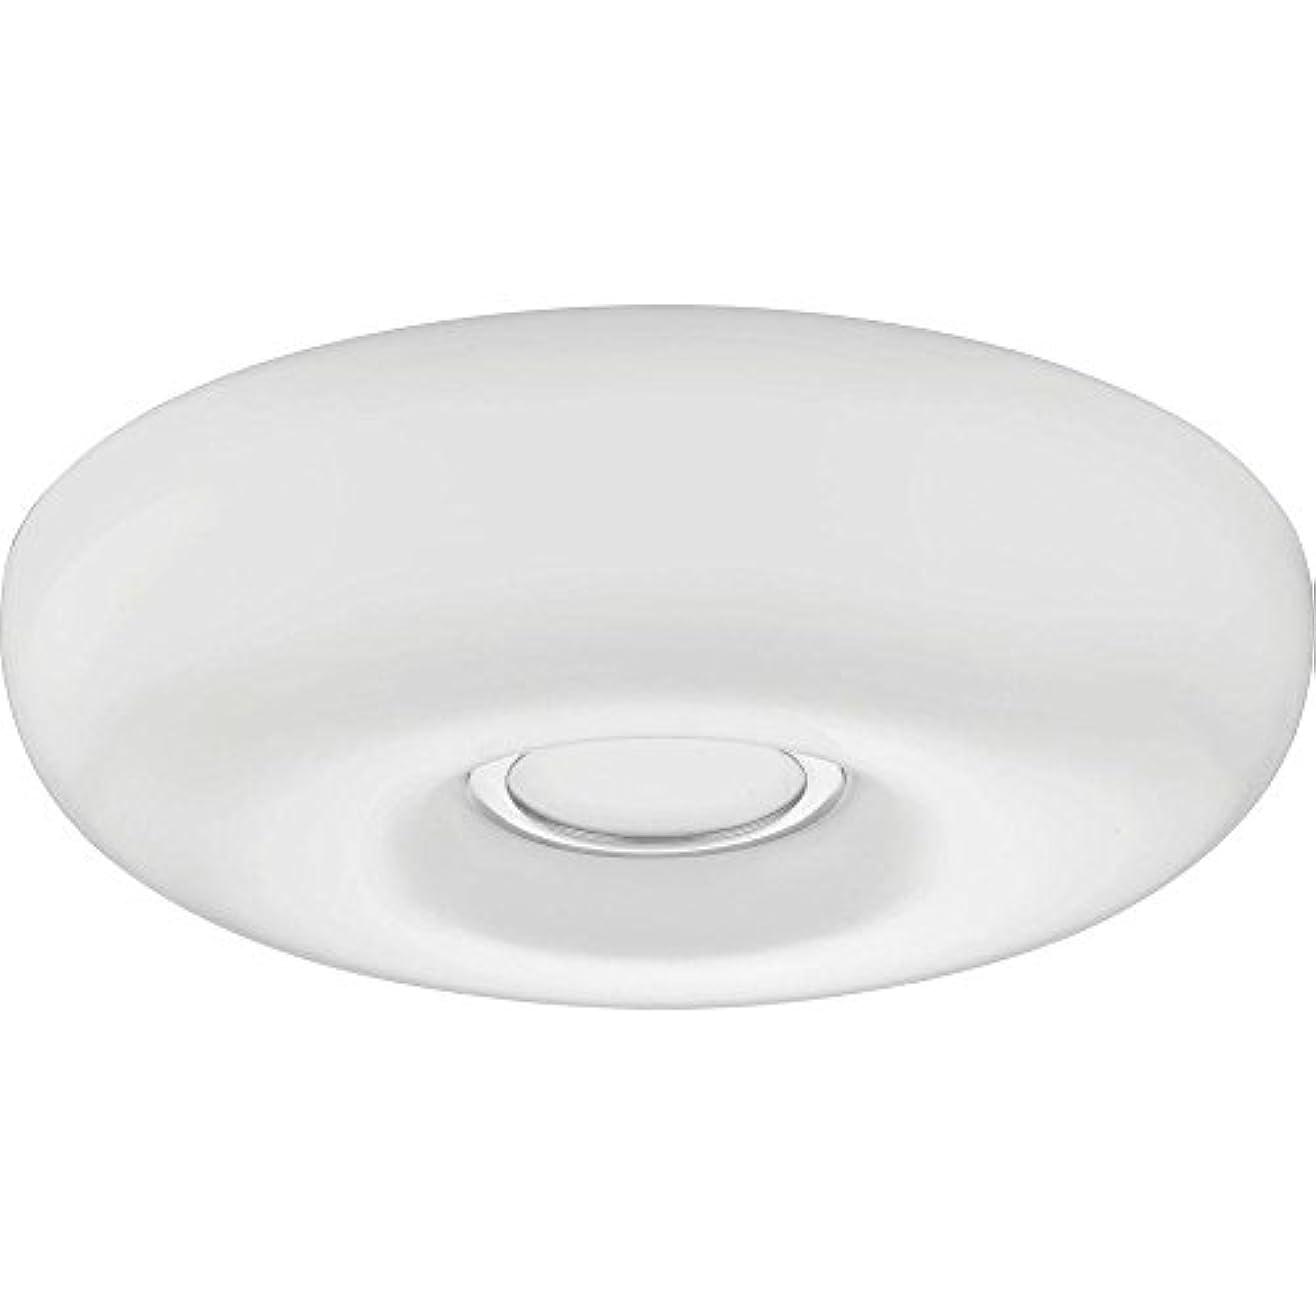 寓話チラチラするパン屋Lithonia Lighting DFMKMRL 14 M4 Replacement Diffuser, 14', White [並行輸入品]